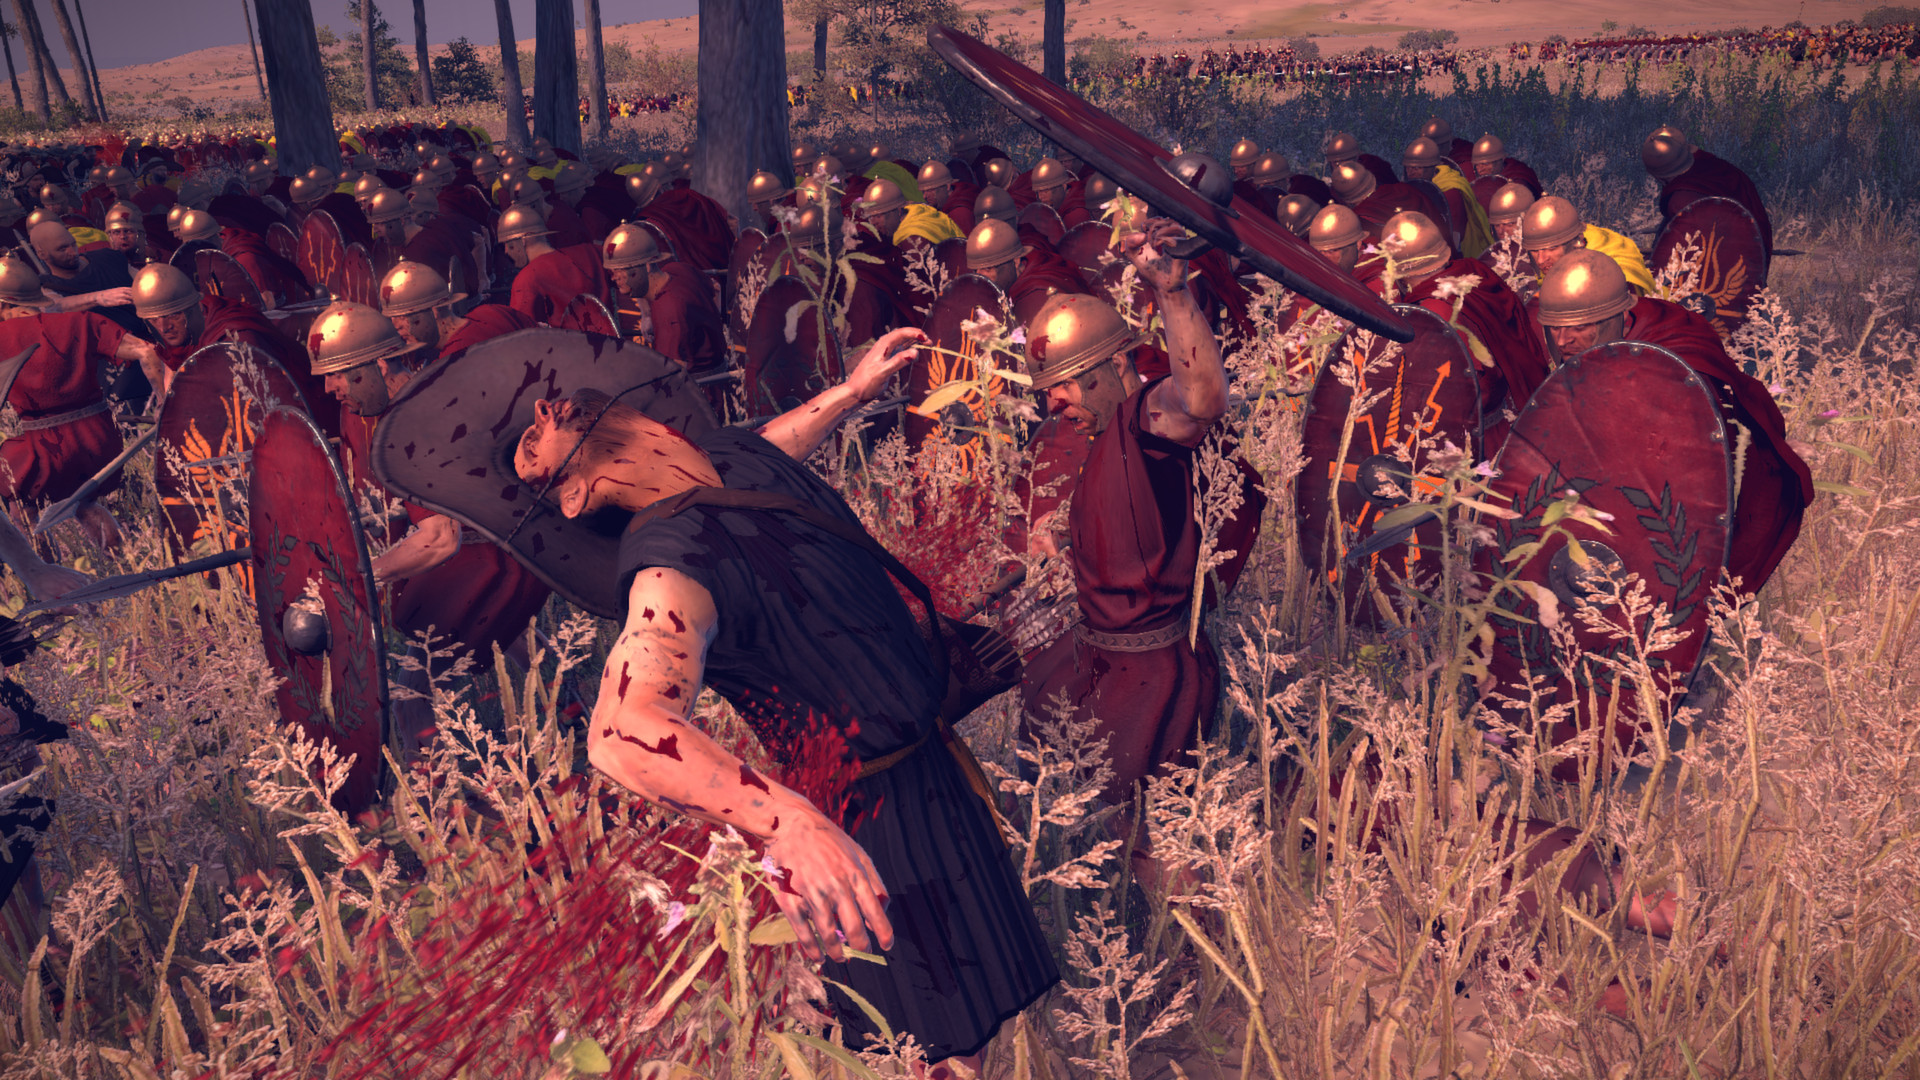 Krev, useknuté hlavy a končetiny v Total War: Rome 2 díky novému DLC 89489